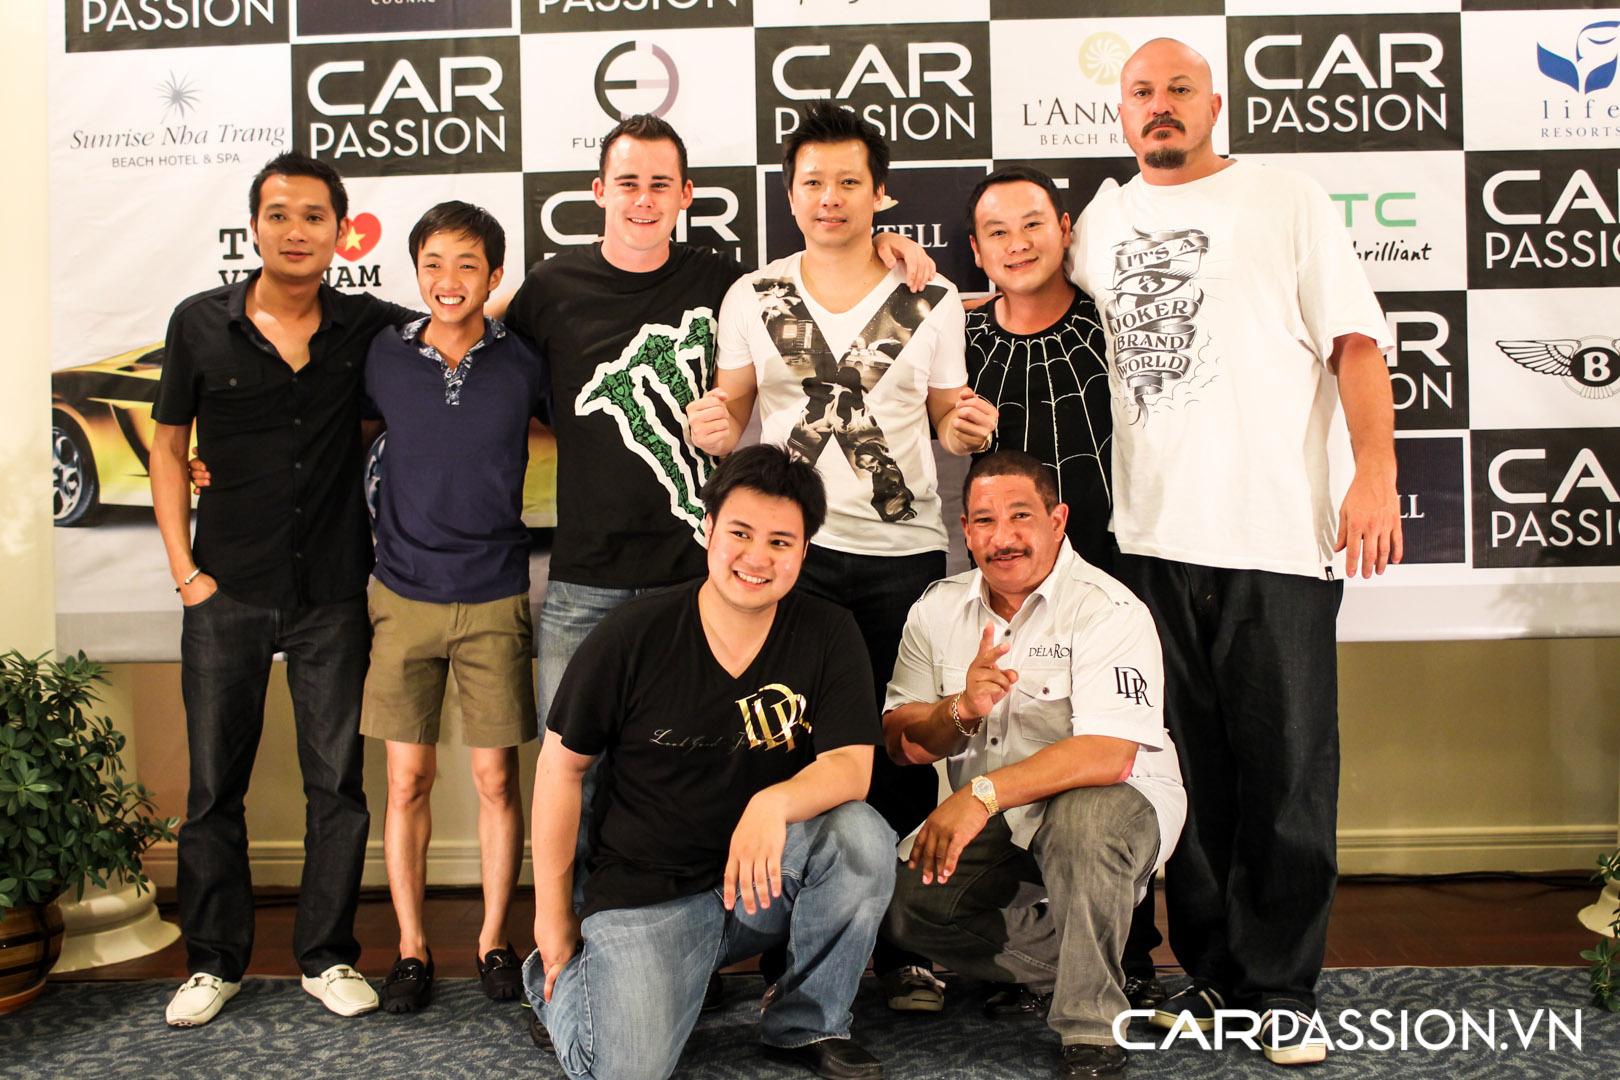 CP-Hành trình siêu xe CarPassion 2011 Day 2 (139).jpg